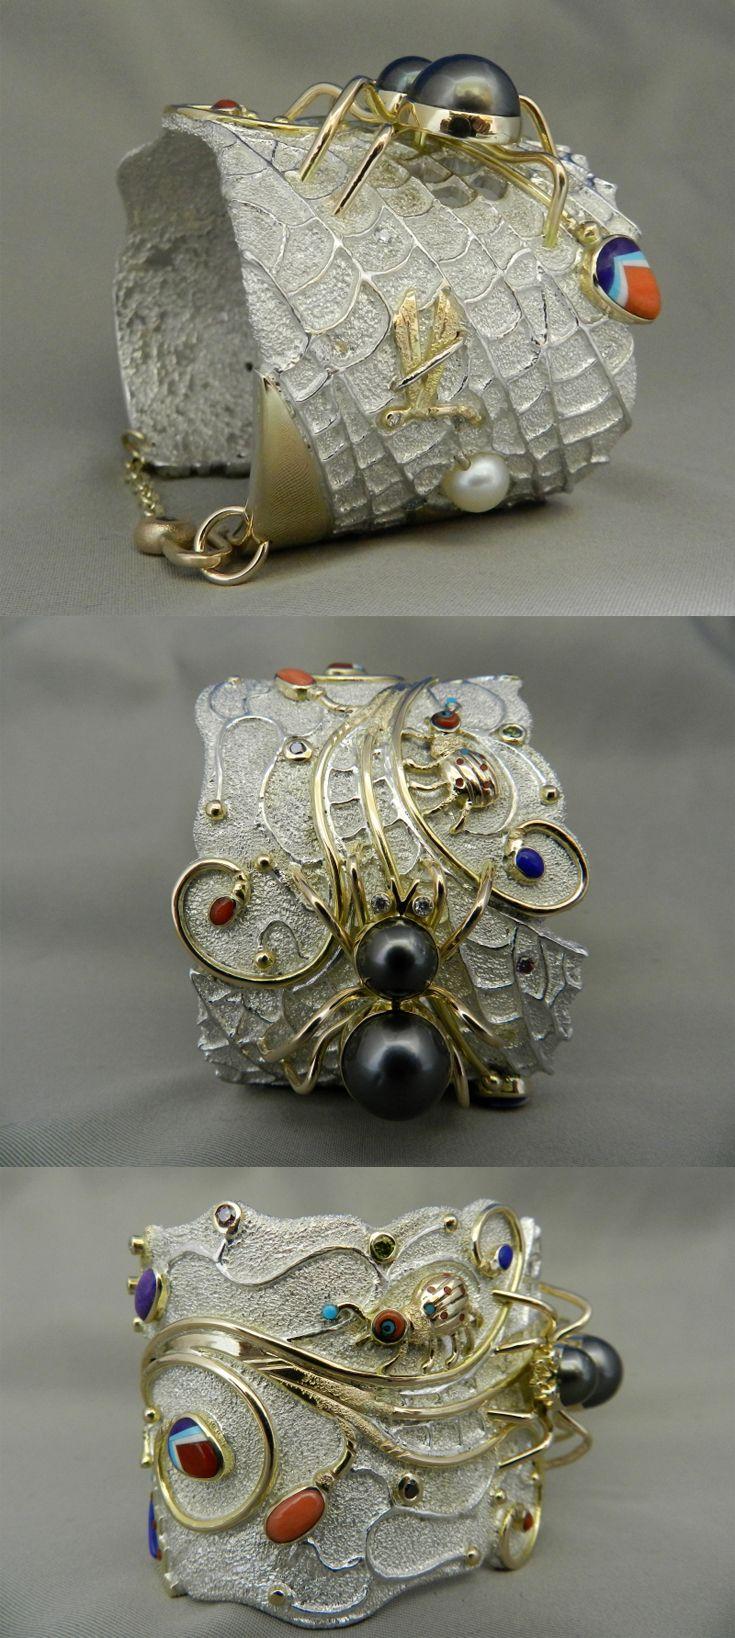 PRECIOSA Fine Crystal Jewelry 2 color variations